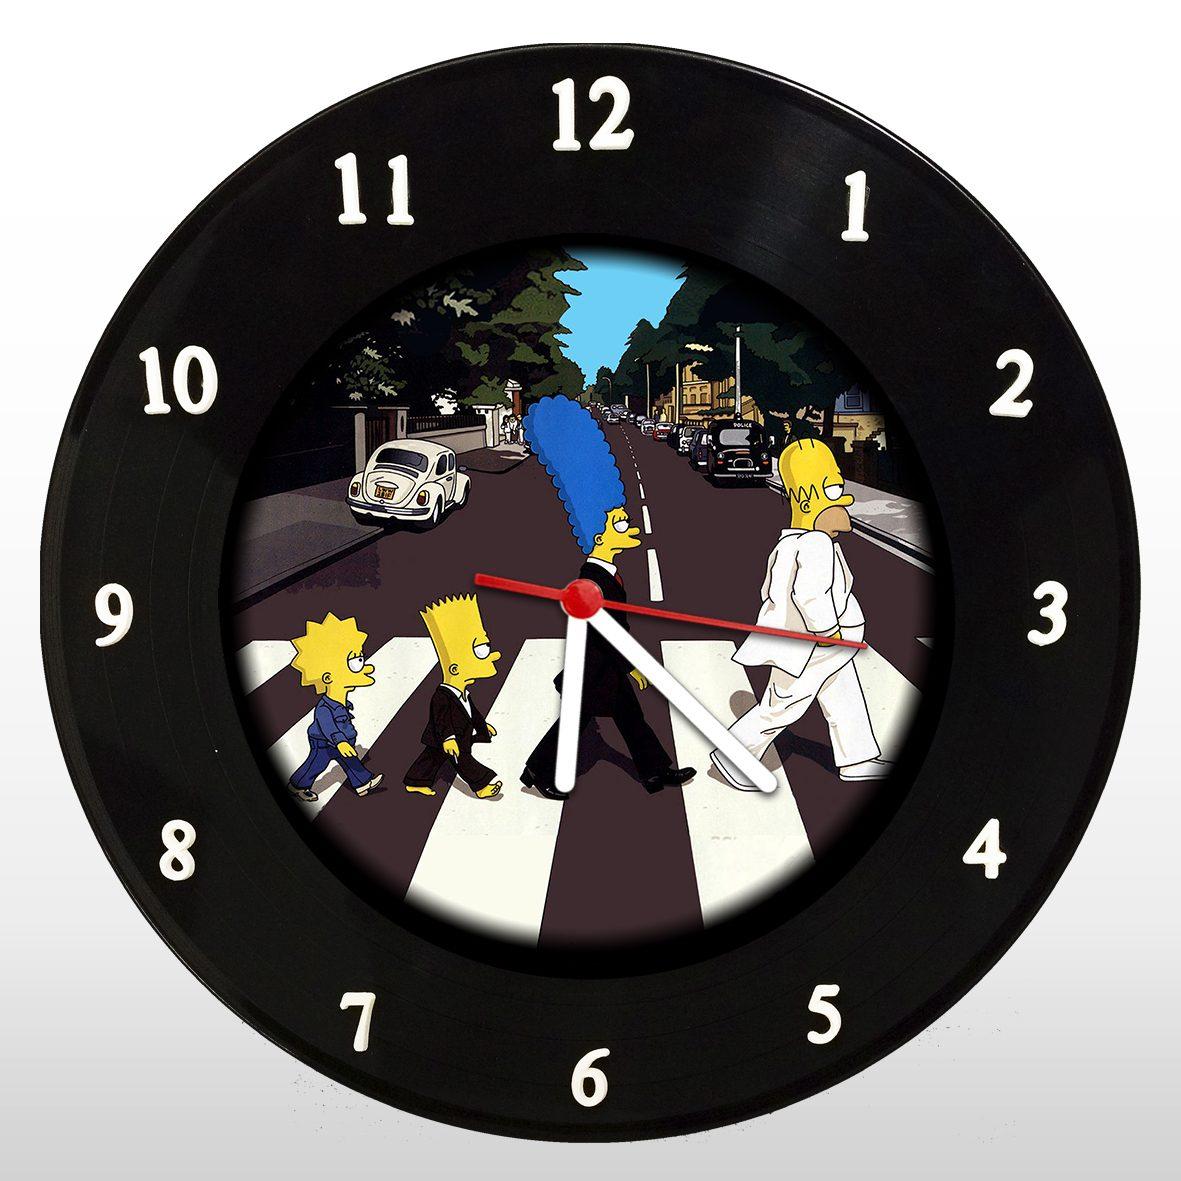 The Simpsons - Abbey Road - Relógio de Parede em Disco de Vinil - Mr. Rock